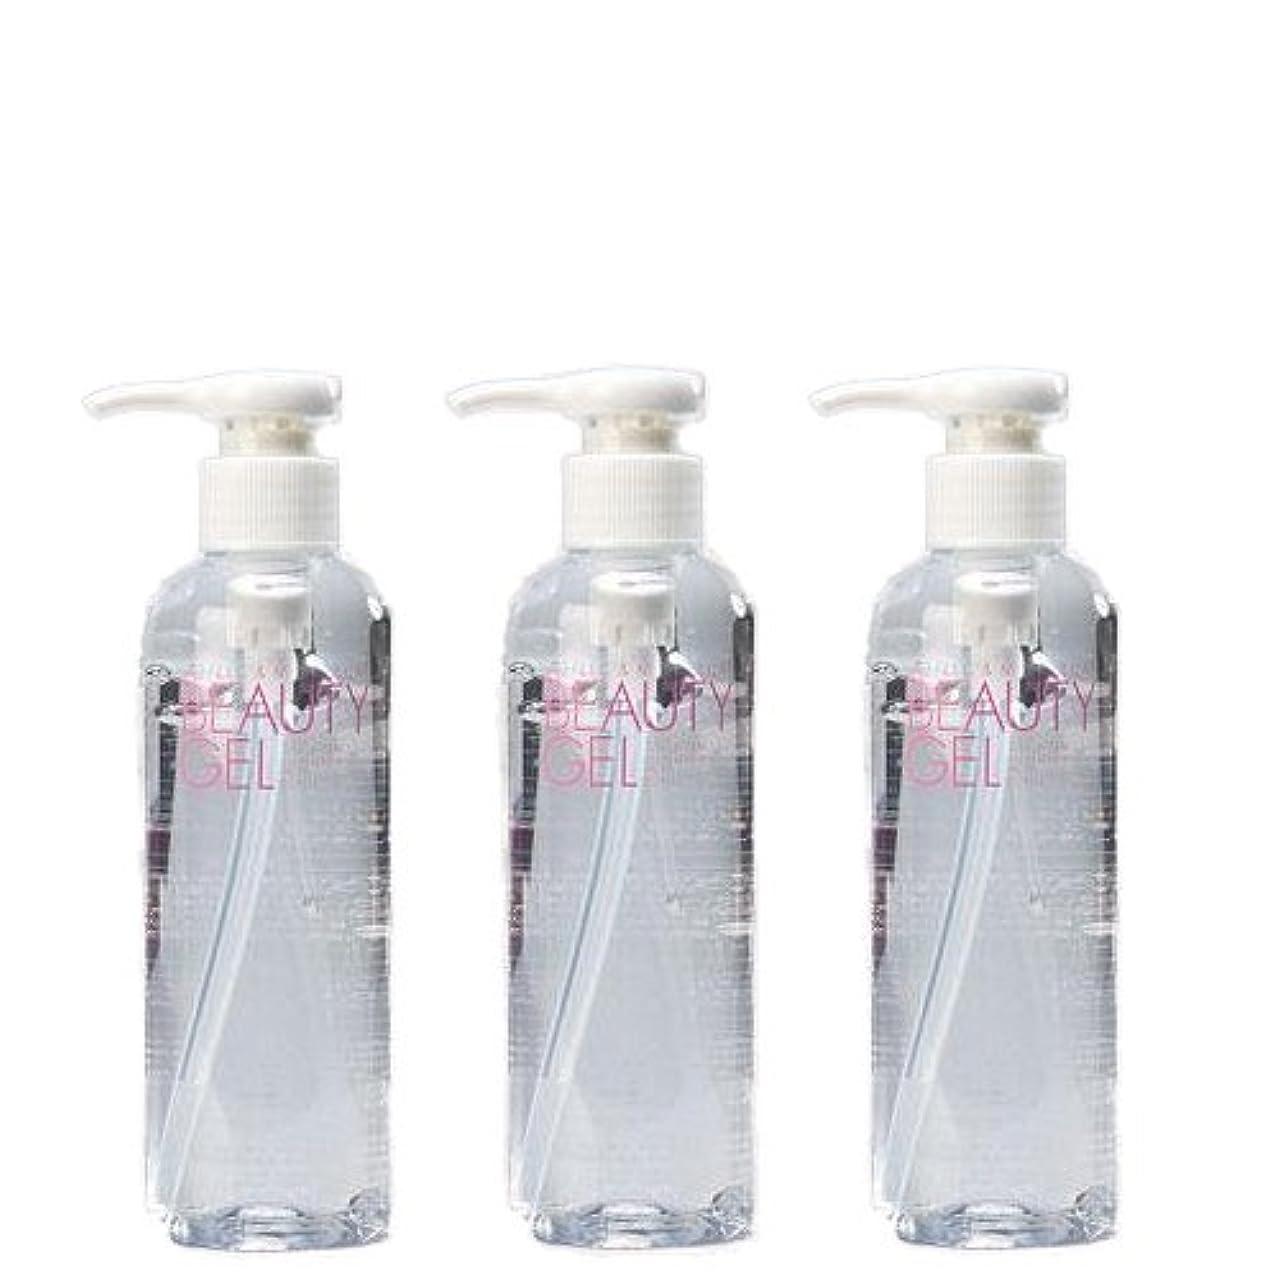 焼く玉ねぎ戦いエビス化粧品(EBiS) BEAUTY GEL ビューティージェル【3本セット】 ツインエレナイザーPRO2対応